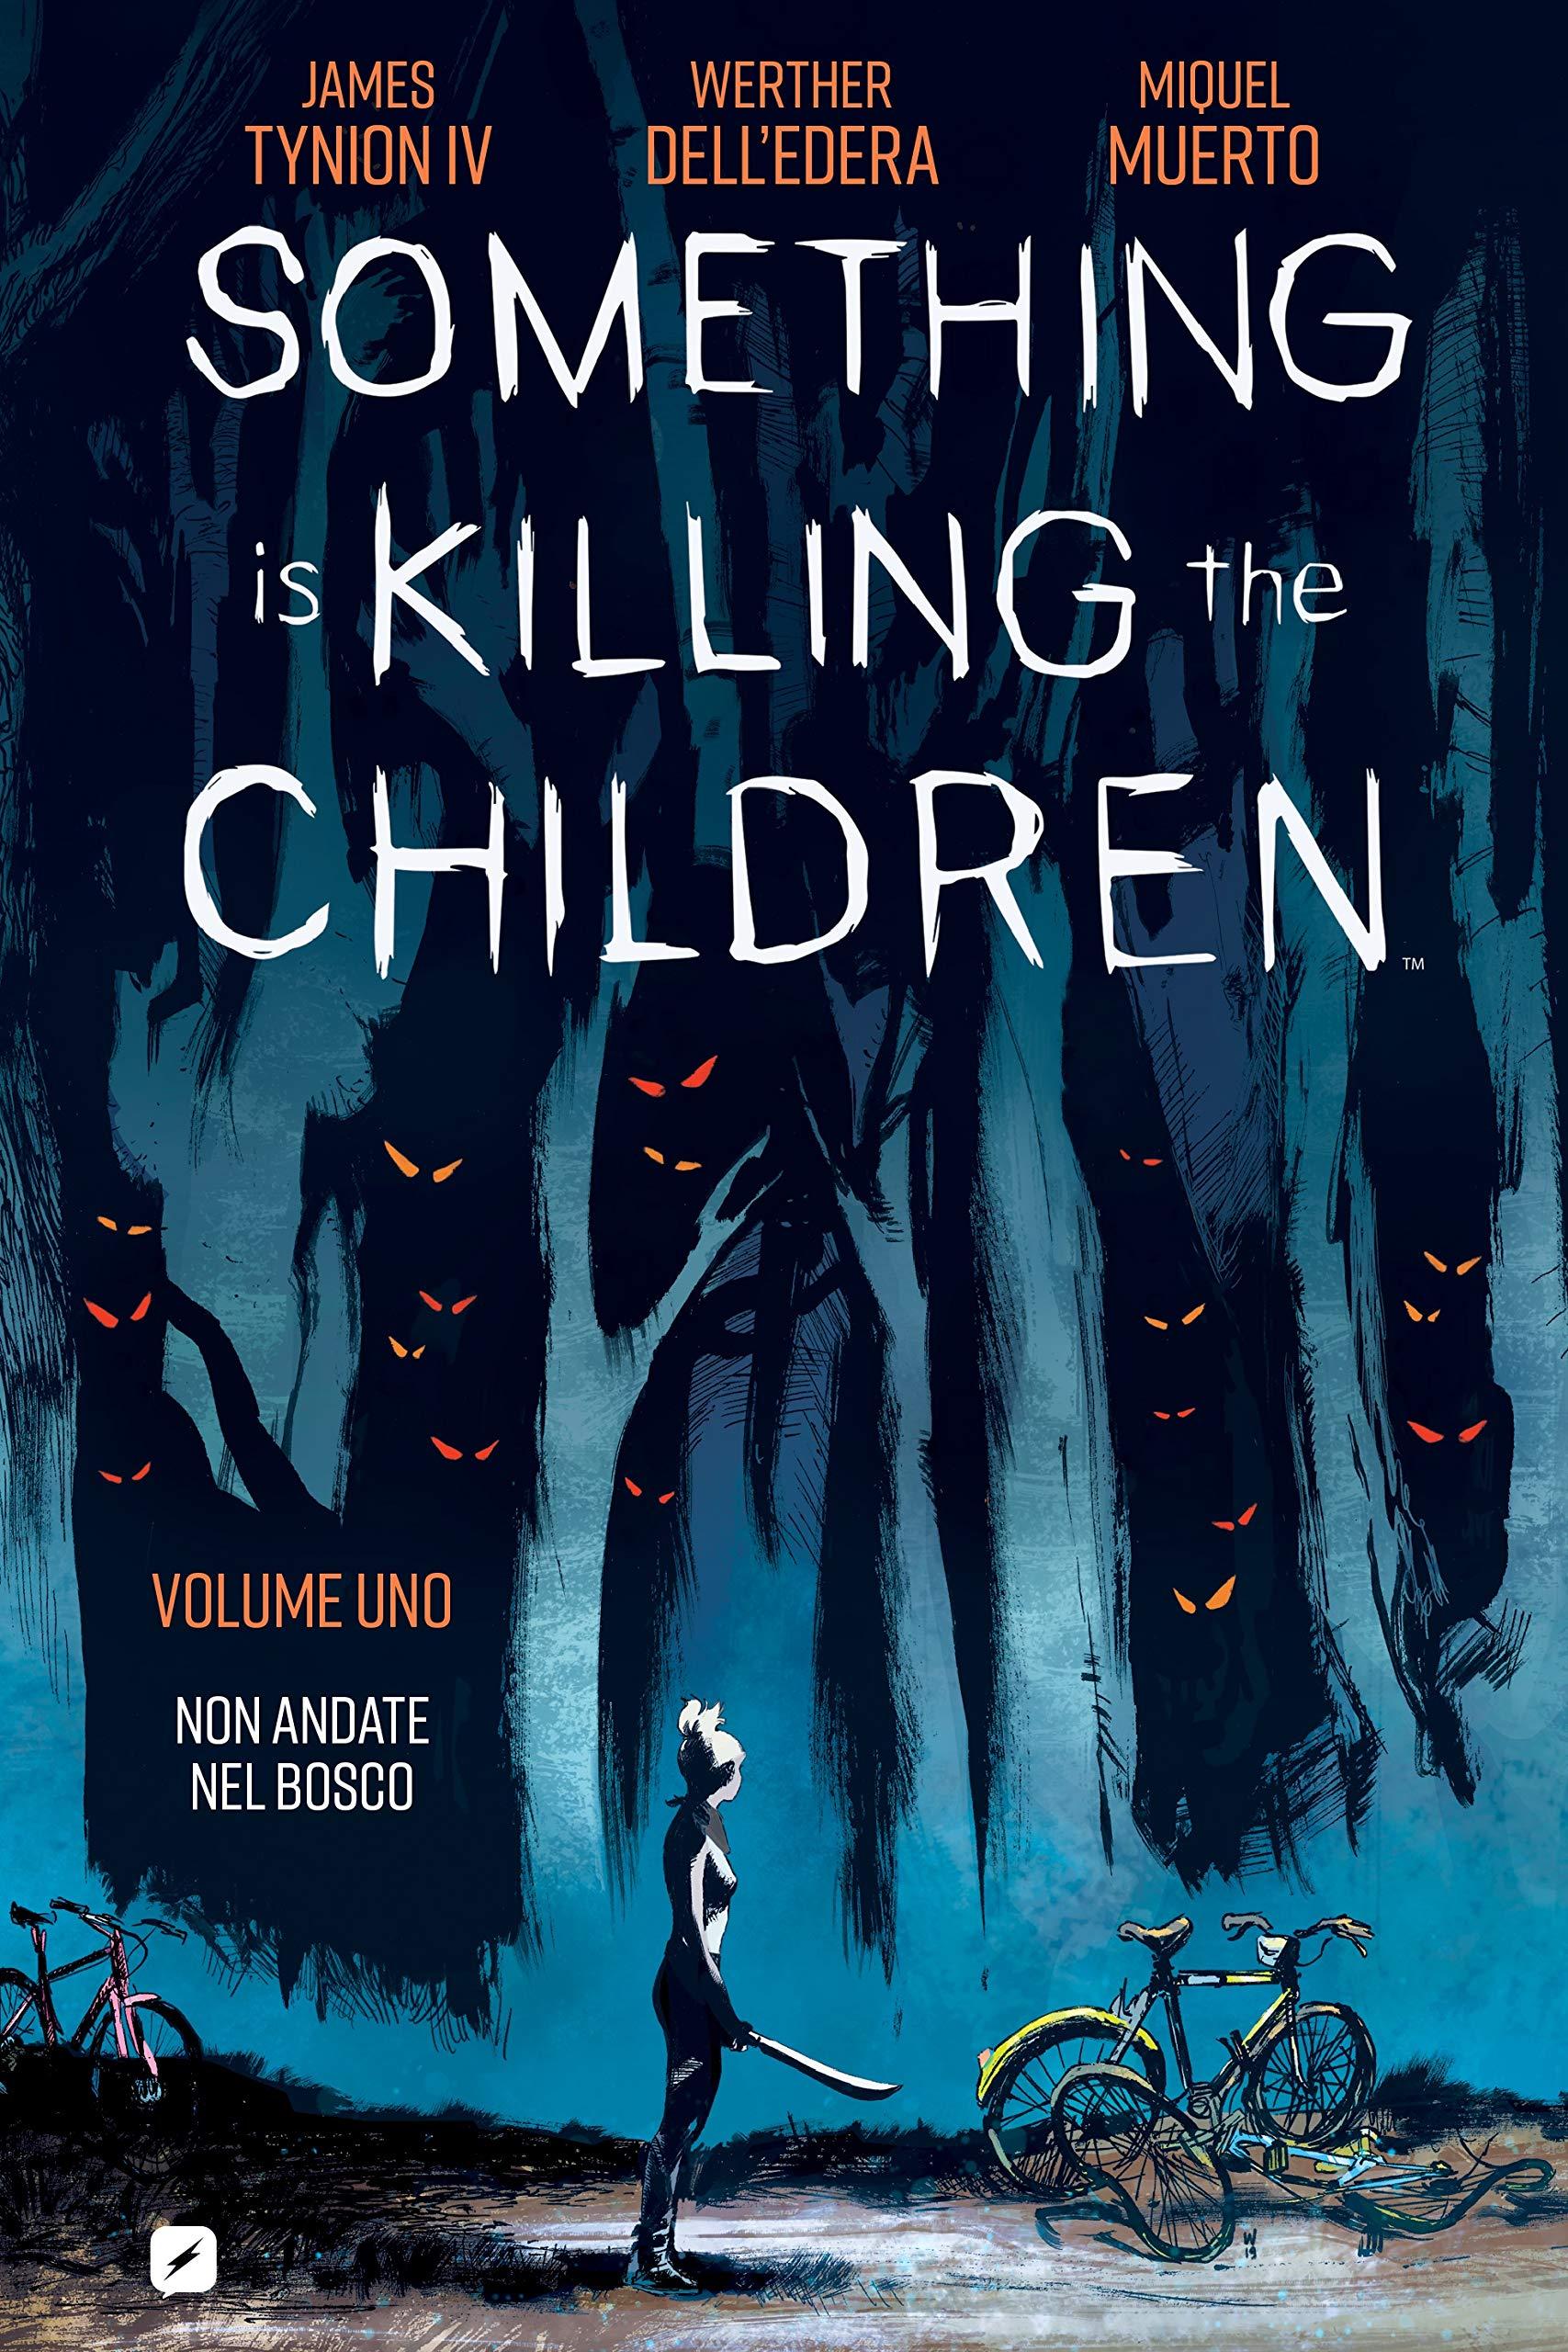 Something is Killing the Children capitolo 1: Non Andate nel Bosco: Vol. 1:  Amazon.it: James Tynion IV, Werther Dell'Edera: Libri